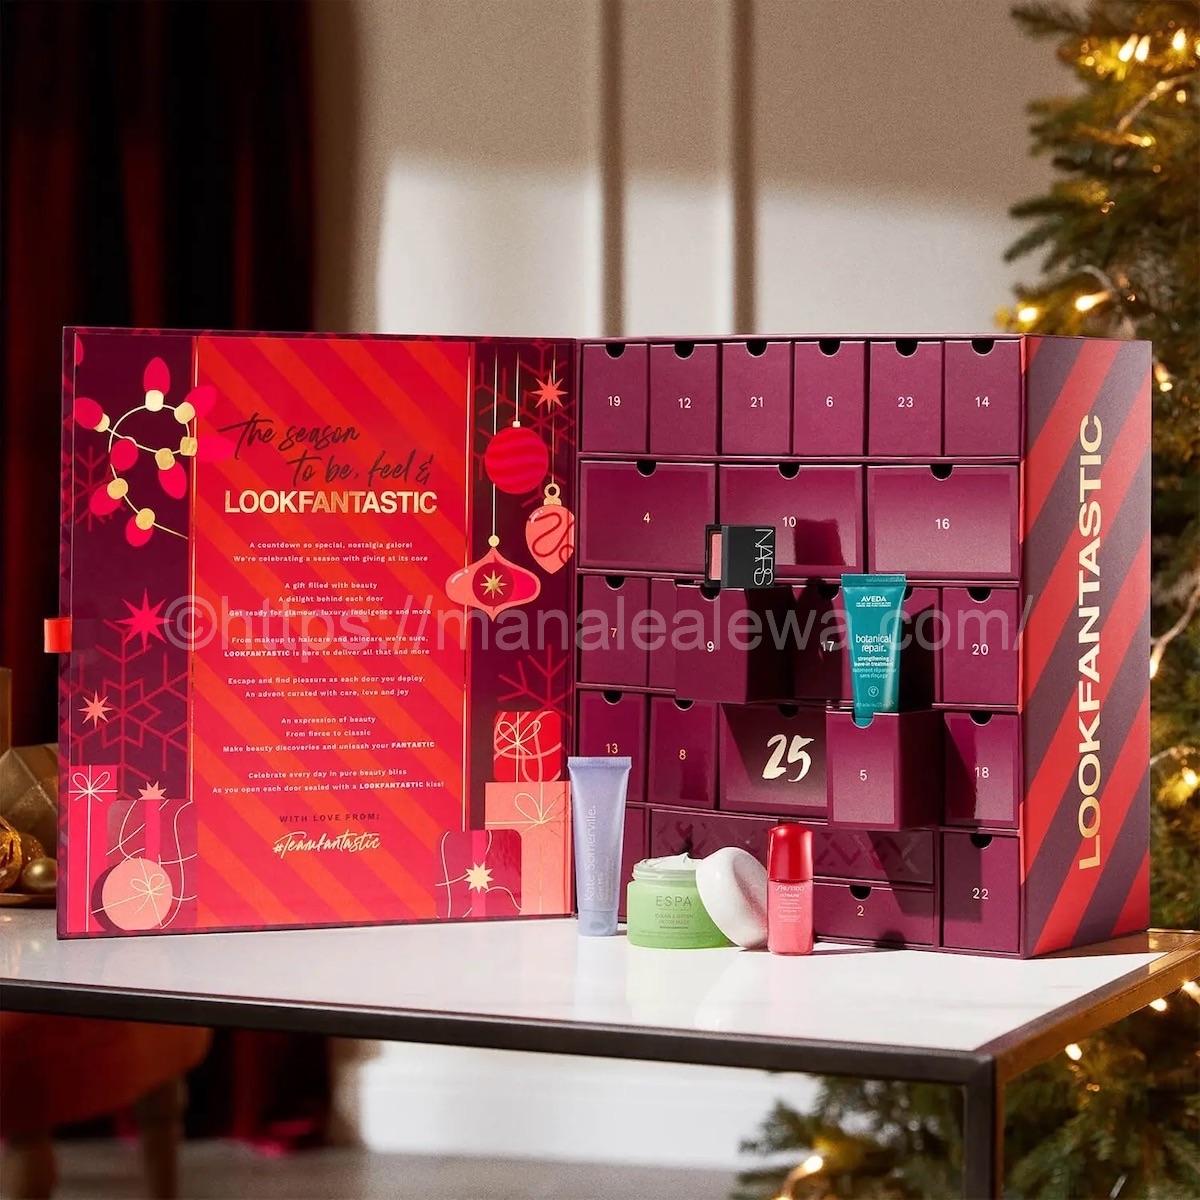 lookfantastic-advent -calendar-2021